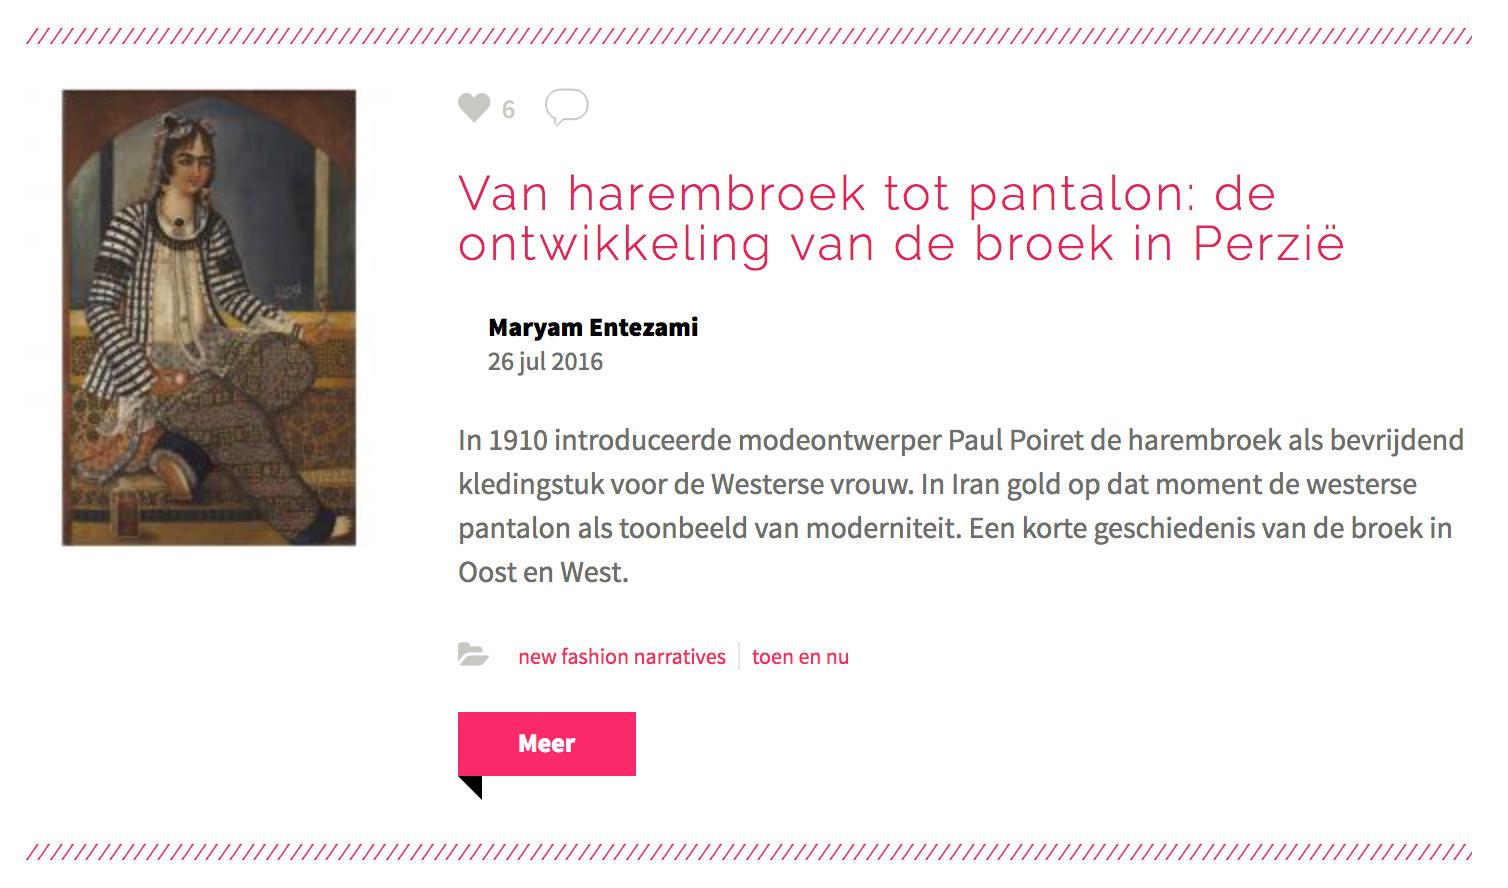 Van Harembroek tot Pantalon, de Ontwikkeling van de broek in Perzië: Mode Muze Blog